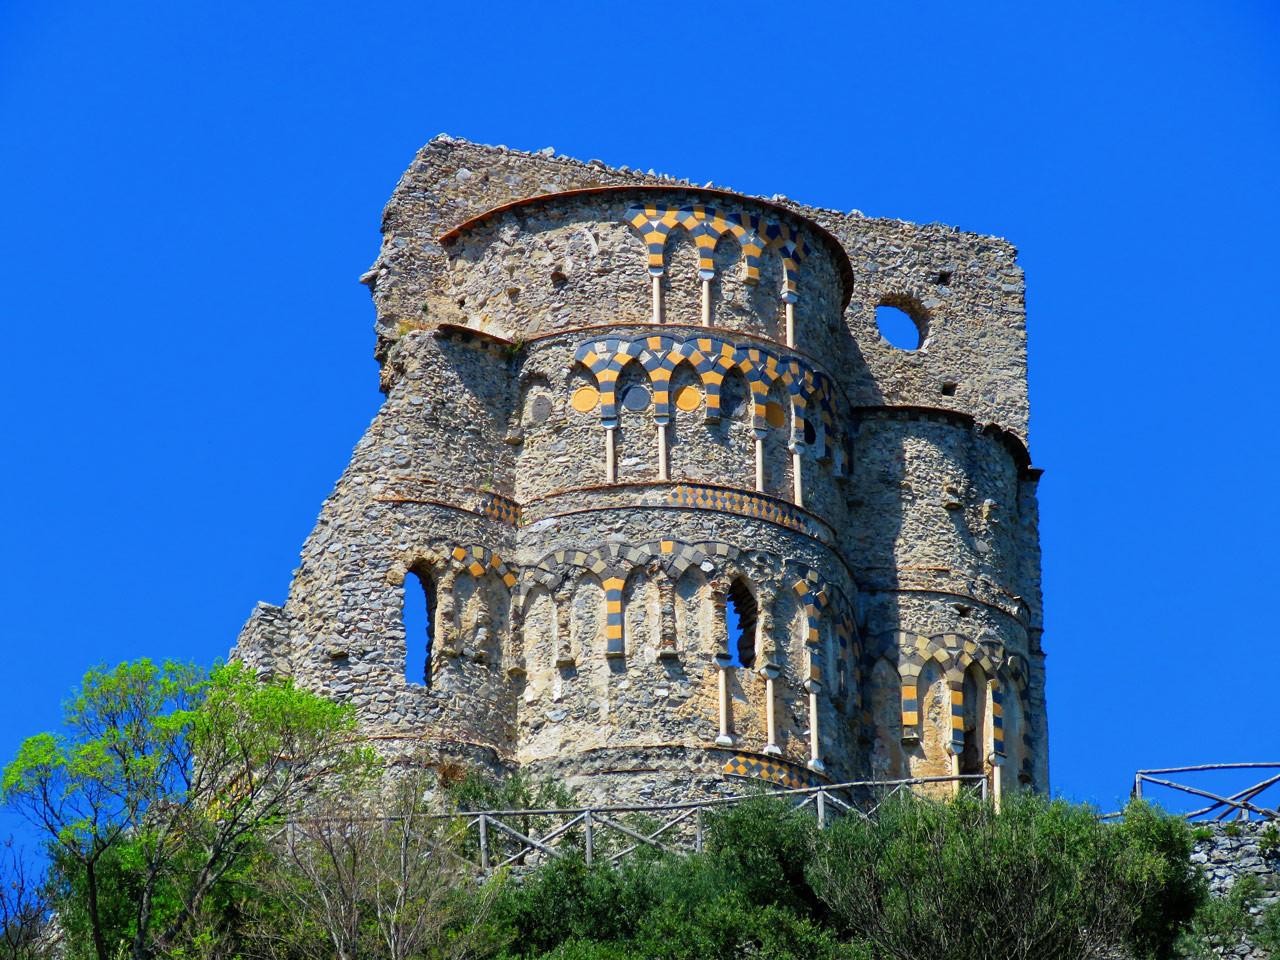 Scala il borgo più antico della Costiera - Travel Amalfi Coast by Travelmar